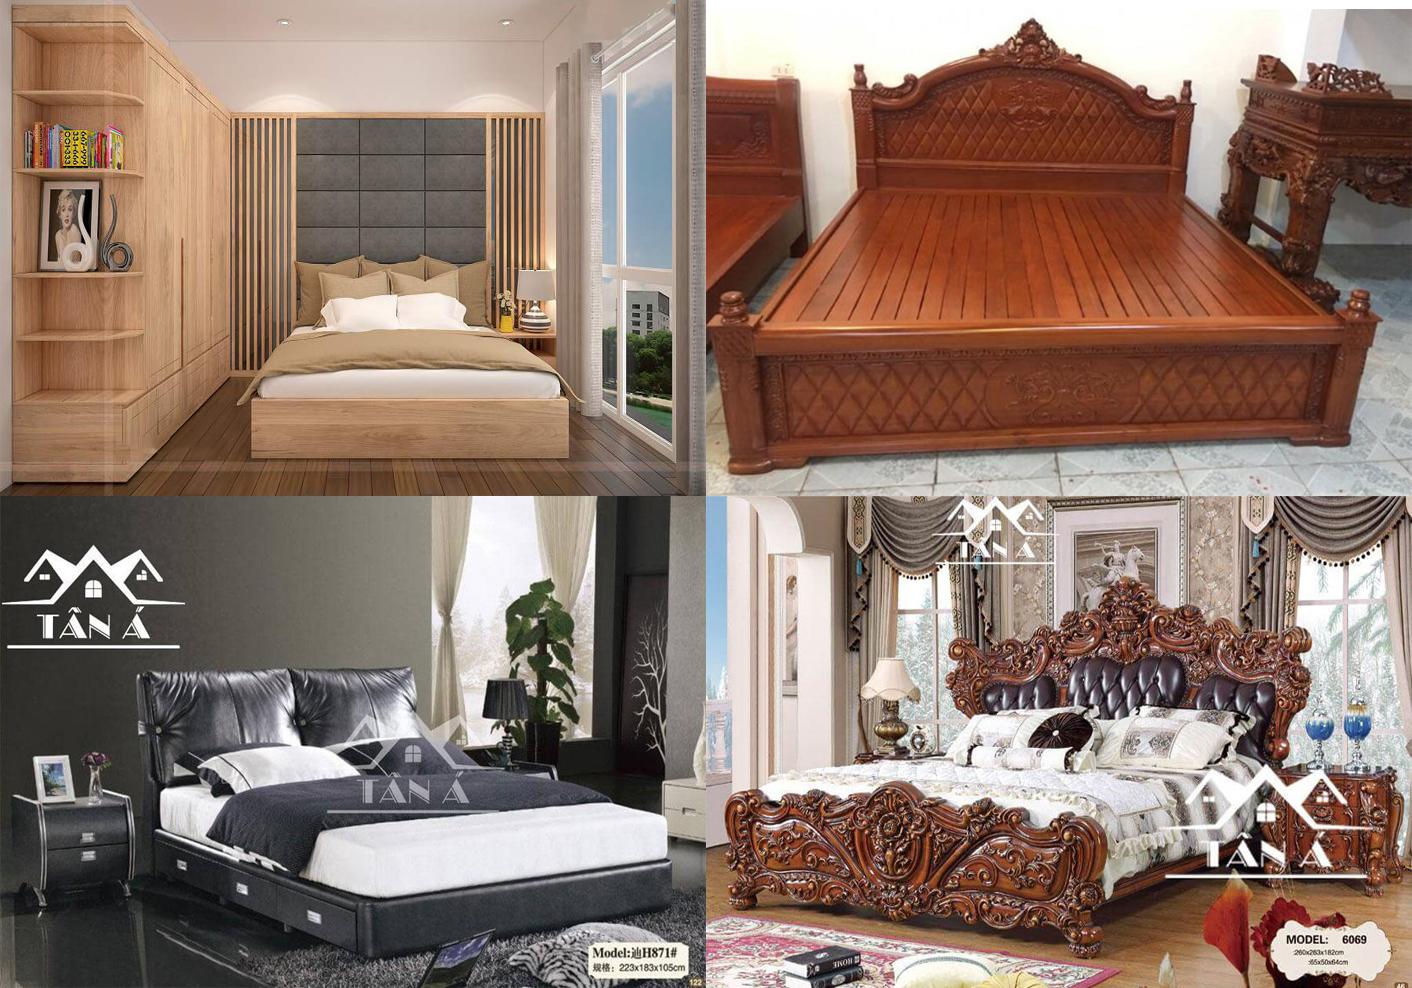 giường ngủ gỗ tự nhiên và giường ngủ gỗ công nghiệp